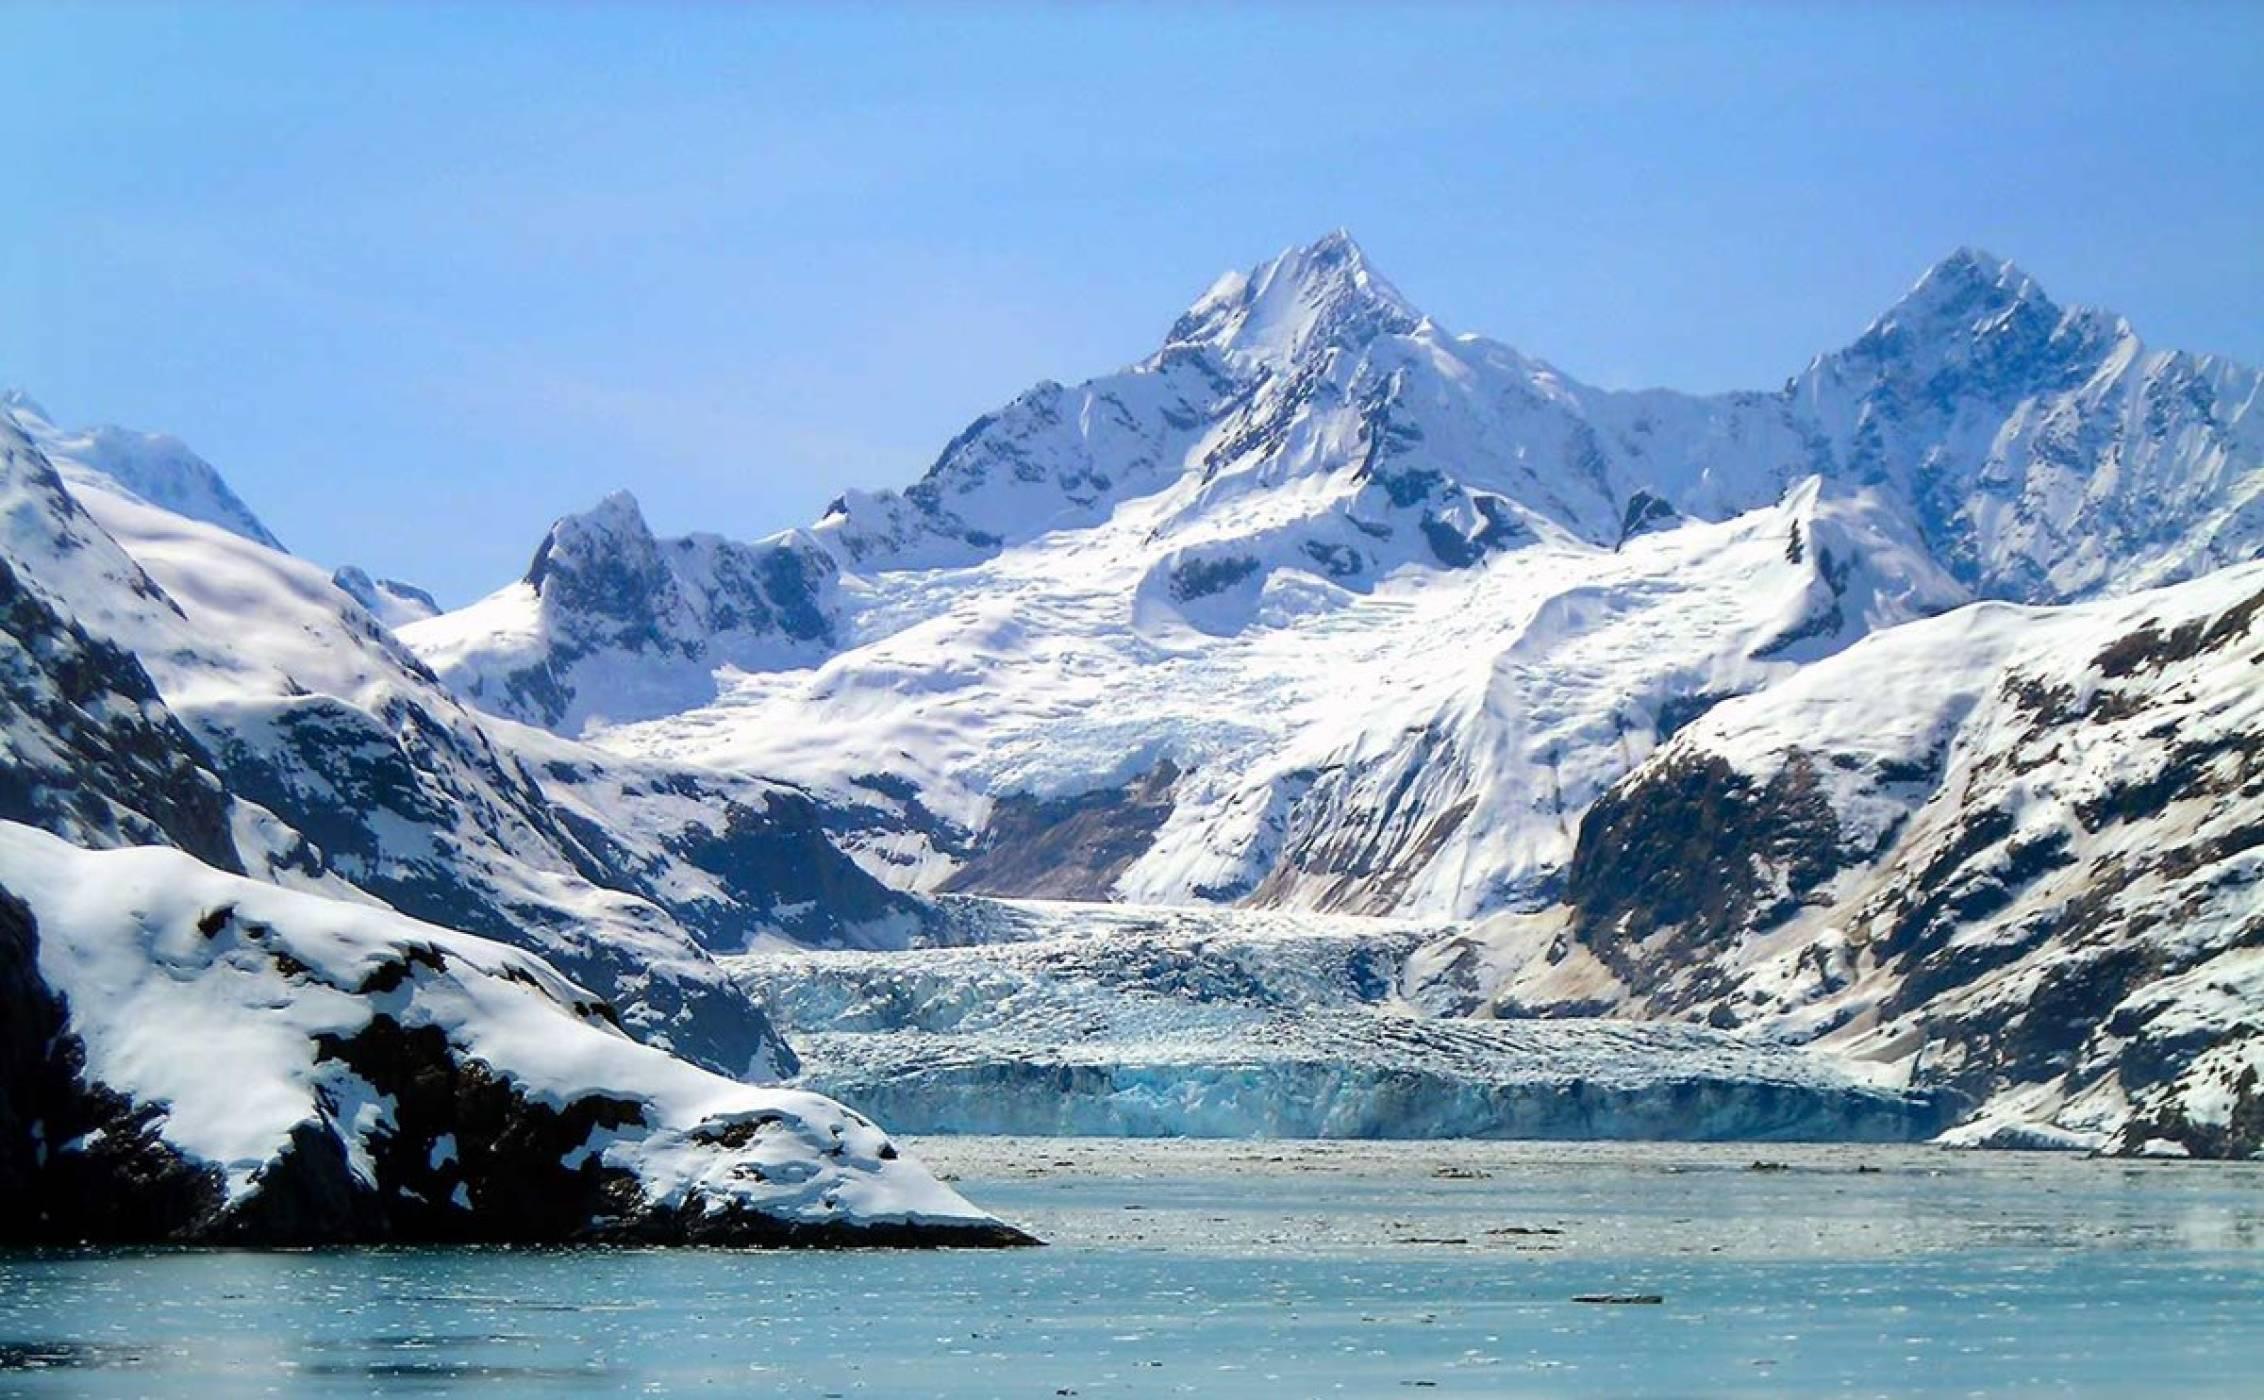 Остава ни само десетилетие, за да предотвратим глобален климатичен катаклизъм